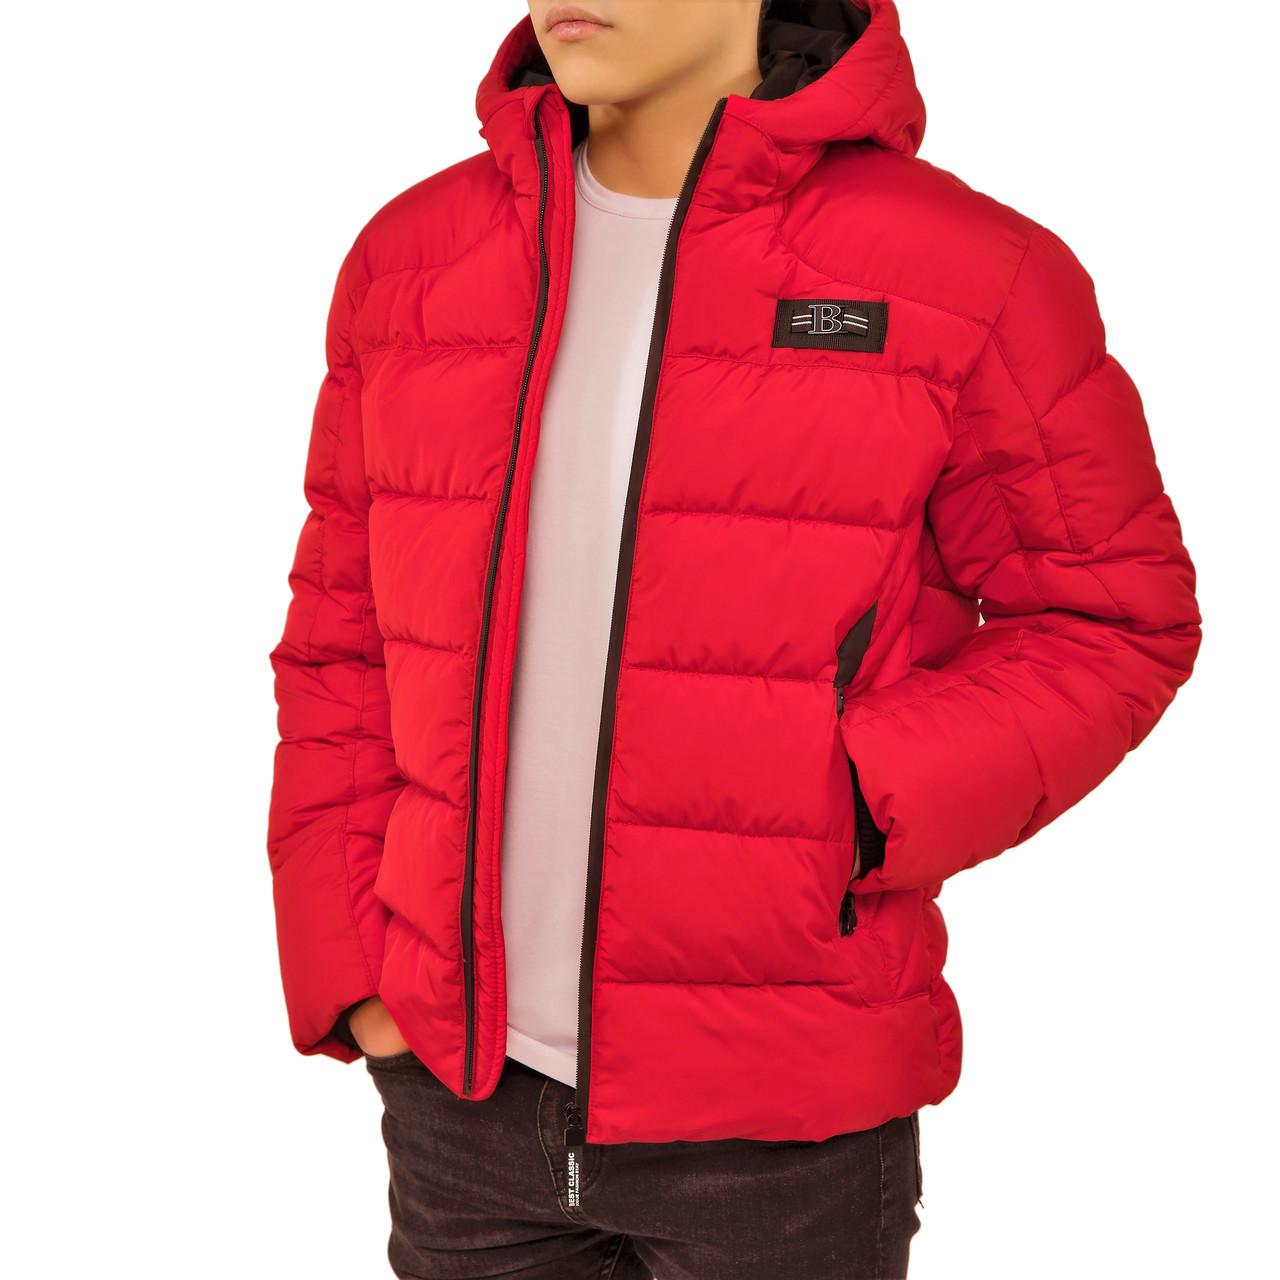 Чоловіча зимова куртка, тільки 54 розмір, теплий пуховик, біо пух, модня коротка з капюшоном